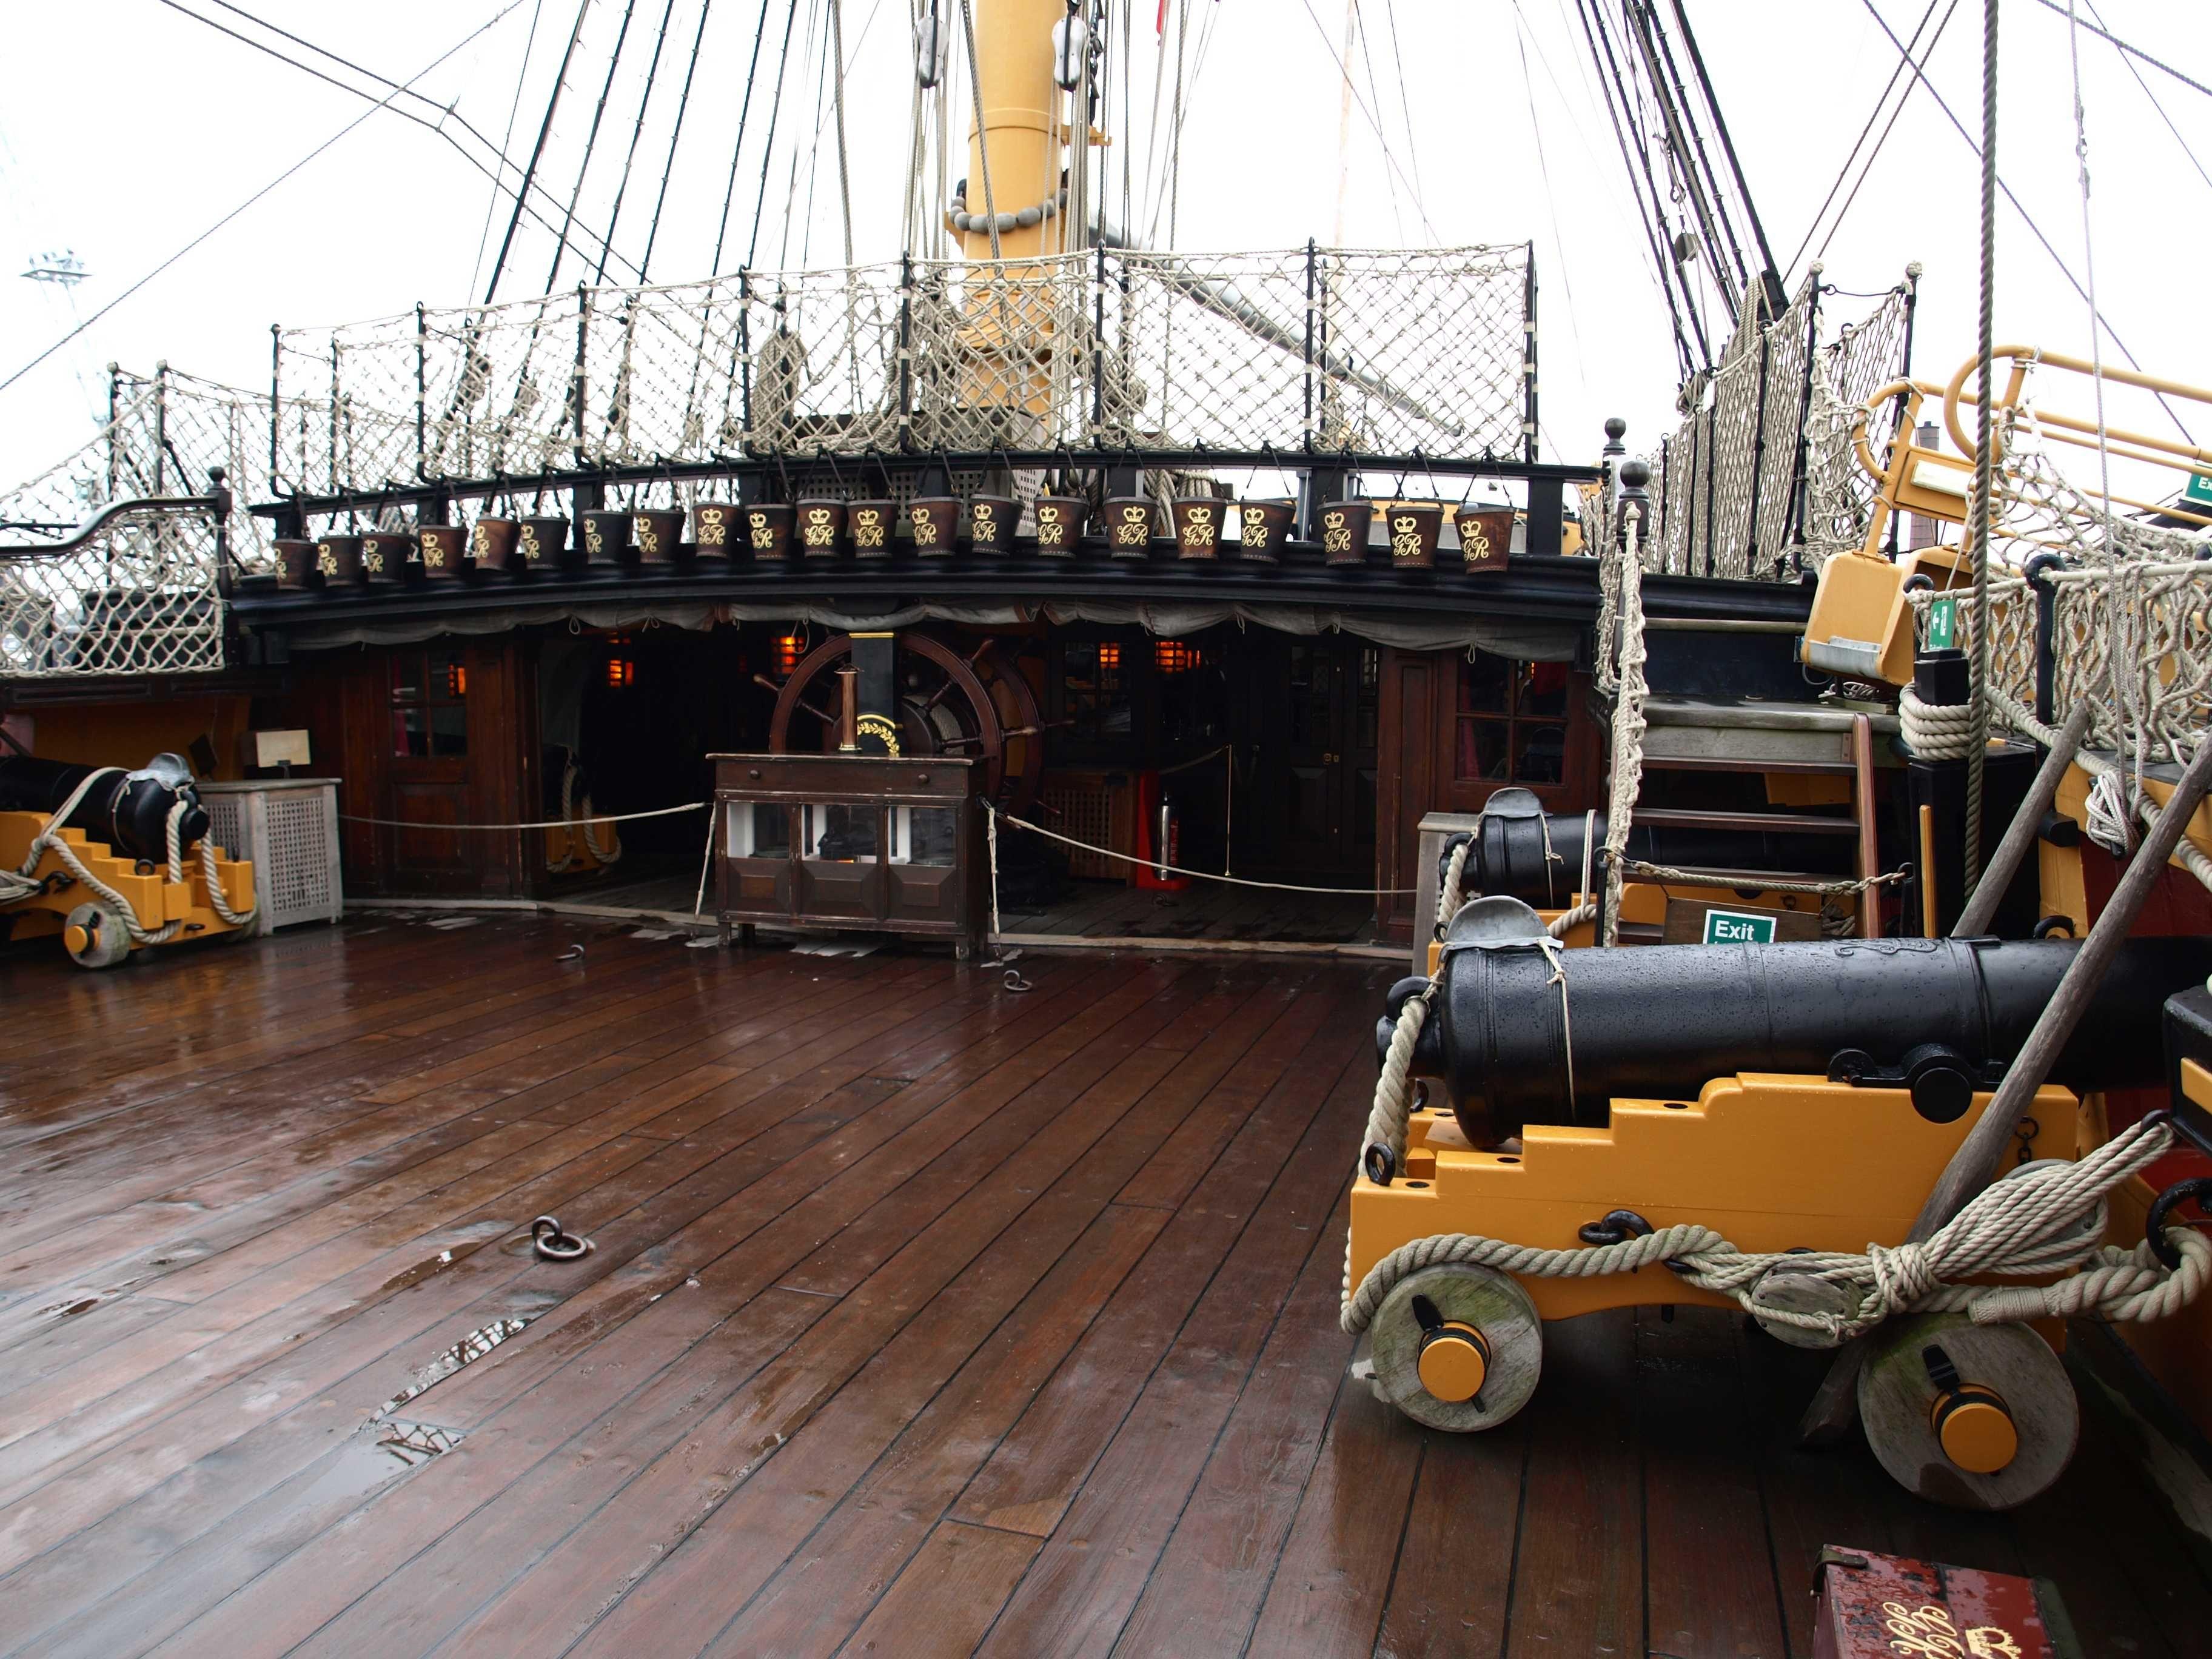 снимках модель картинка палуба пиратского корабля поклонников ирины